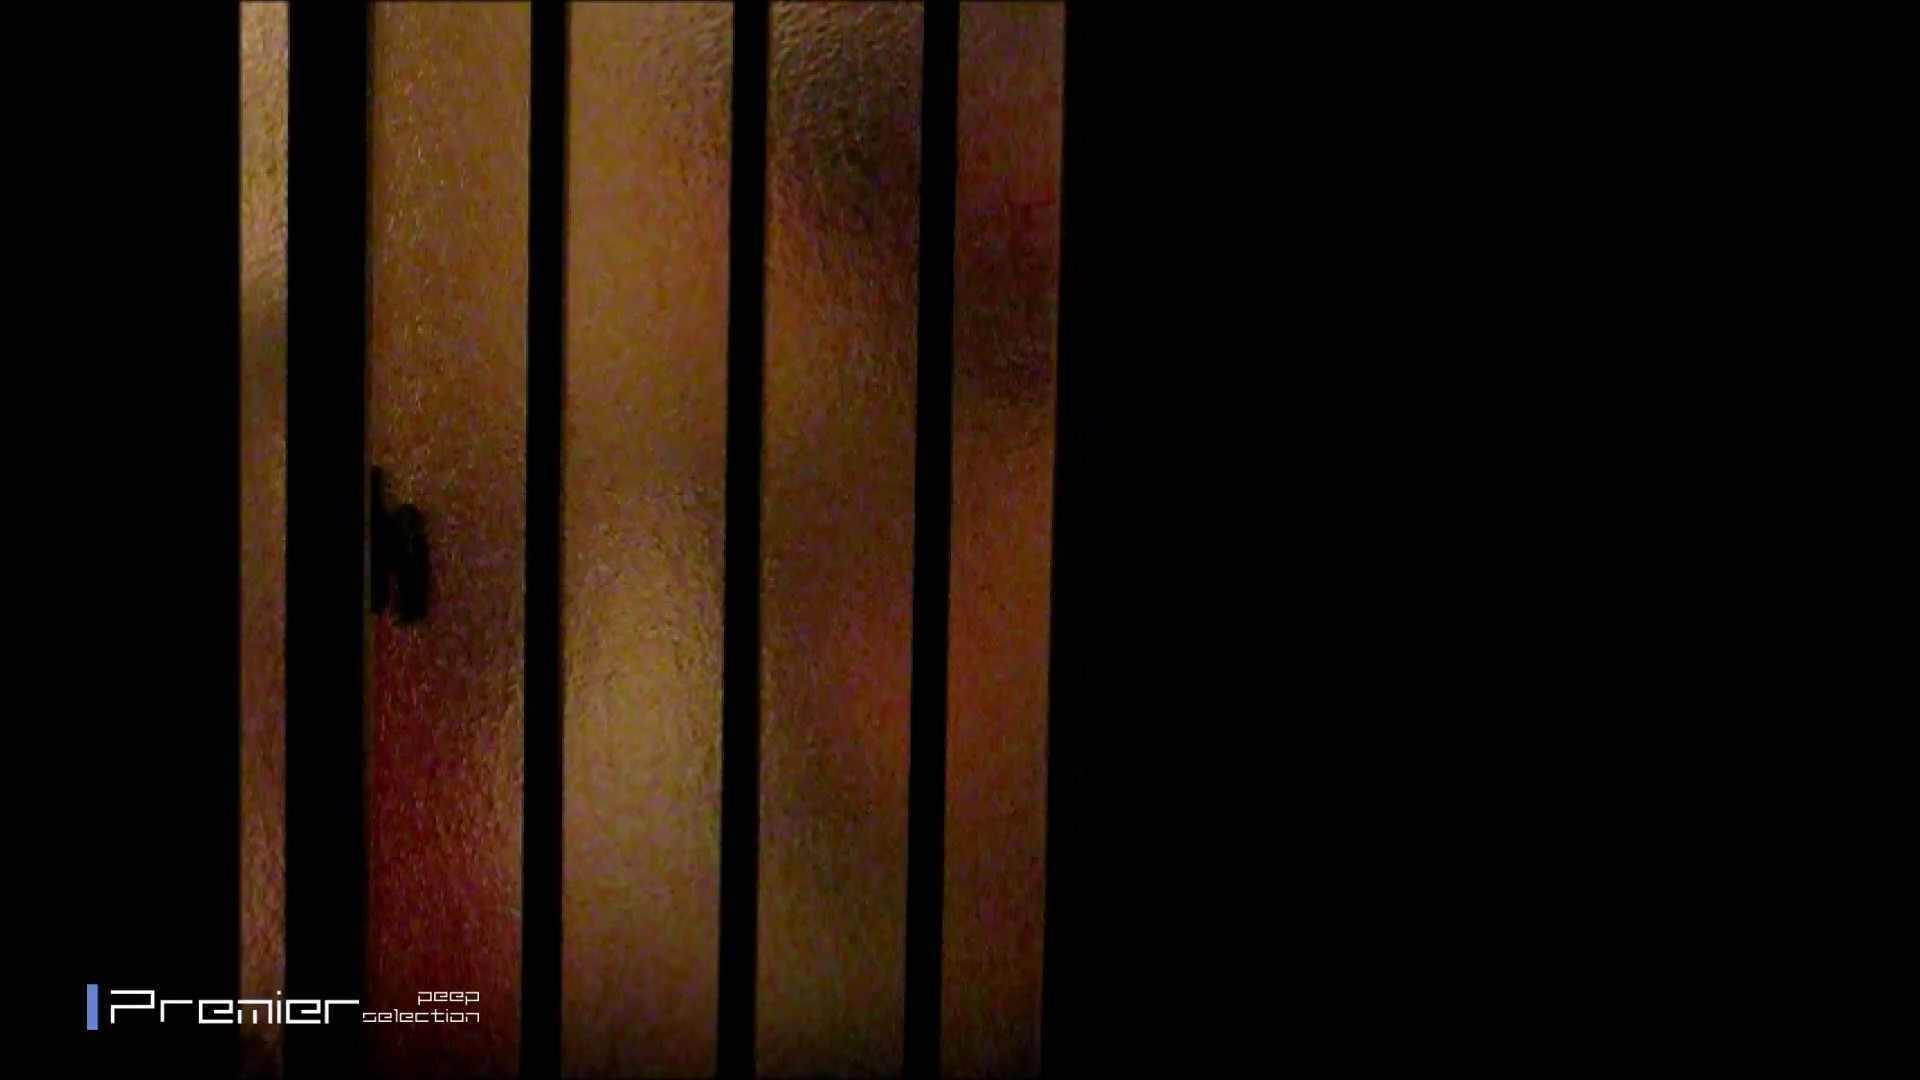 スレンダー美女の桃色乳首 乙女の風呂場 Vol.09 OLの実態 | 桃色乳首  51pic 36